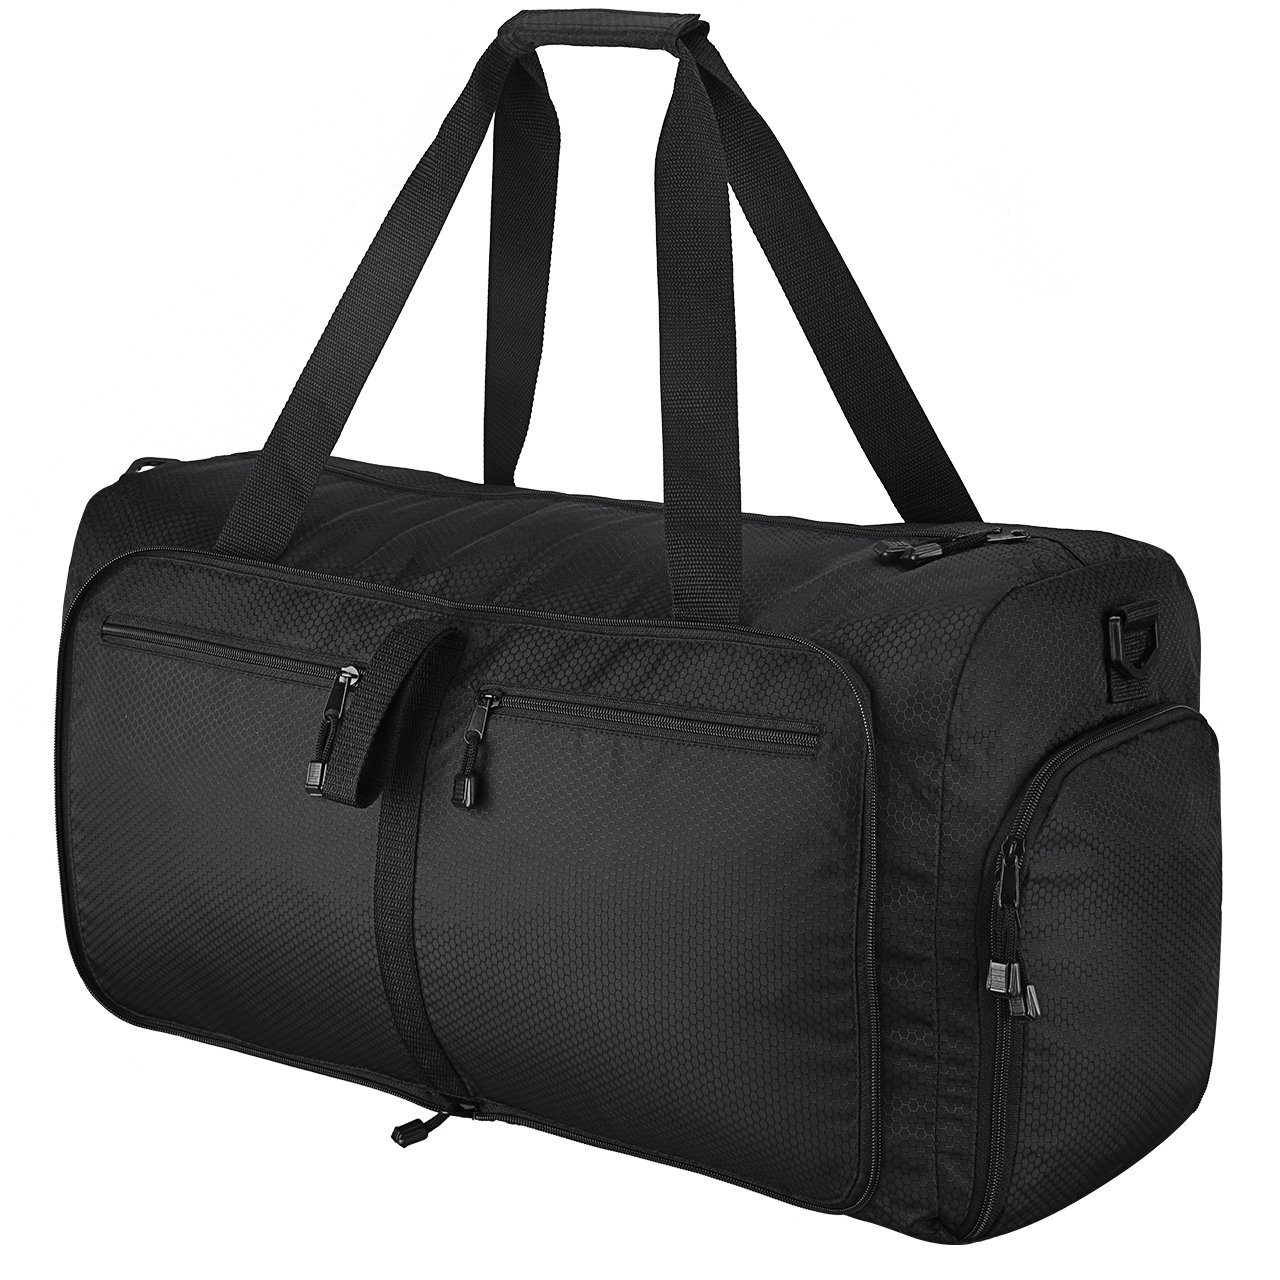 Omorc Reisetasche, Wasserdicht, 60L, Sporttasche, ausziehbar und faltbar, mit zwei abnehmbaren Schulterriemen 2017120401FR